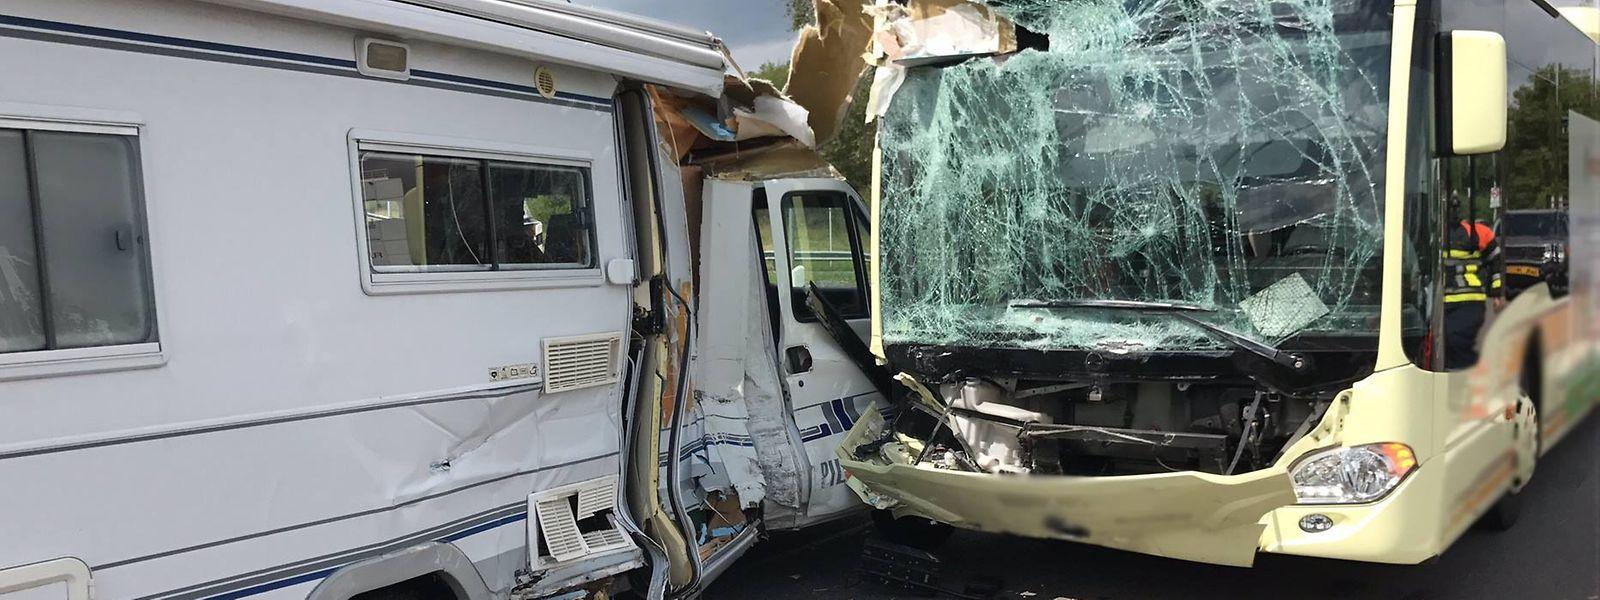 Fünf Personen wurden bei dem Unfall verletzt.